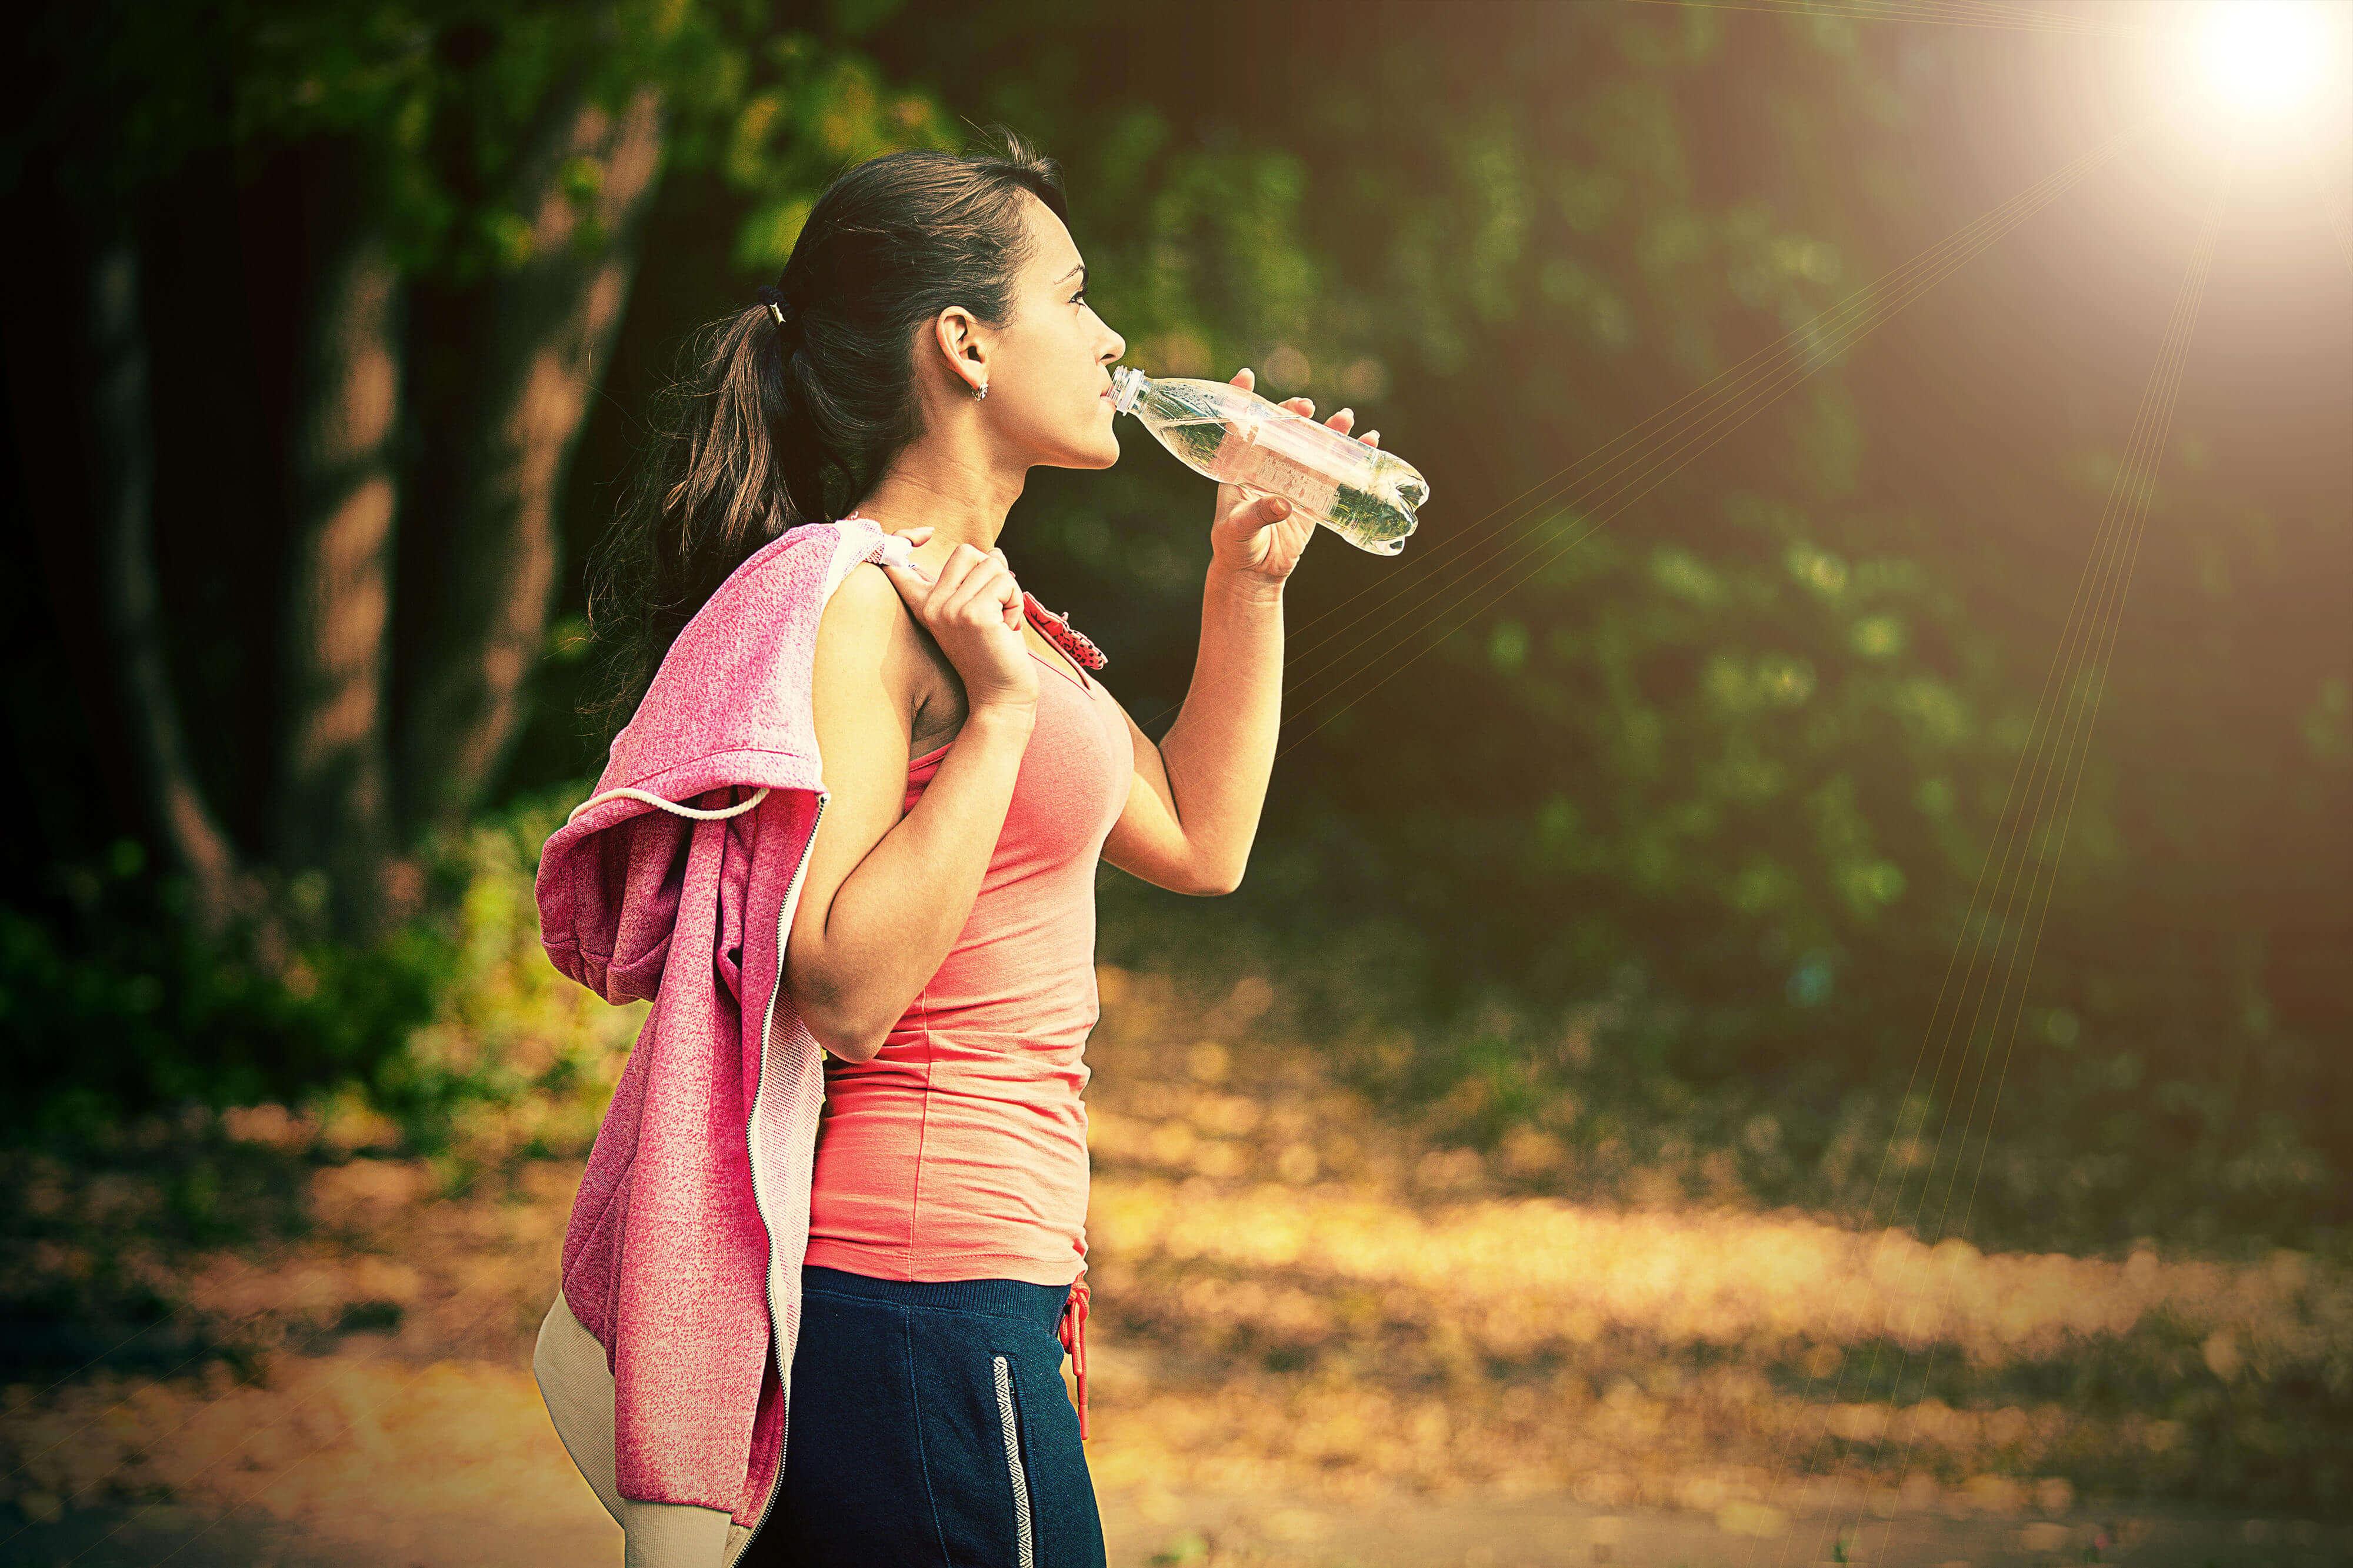 Αθλητική διατροφή για αύξηση μυϊκής μάζας